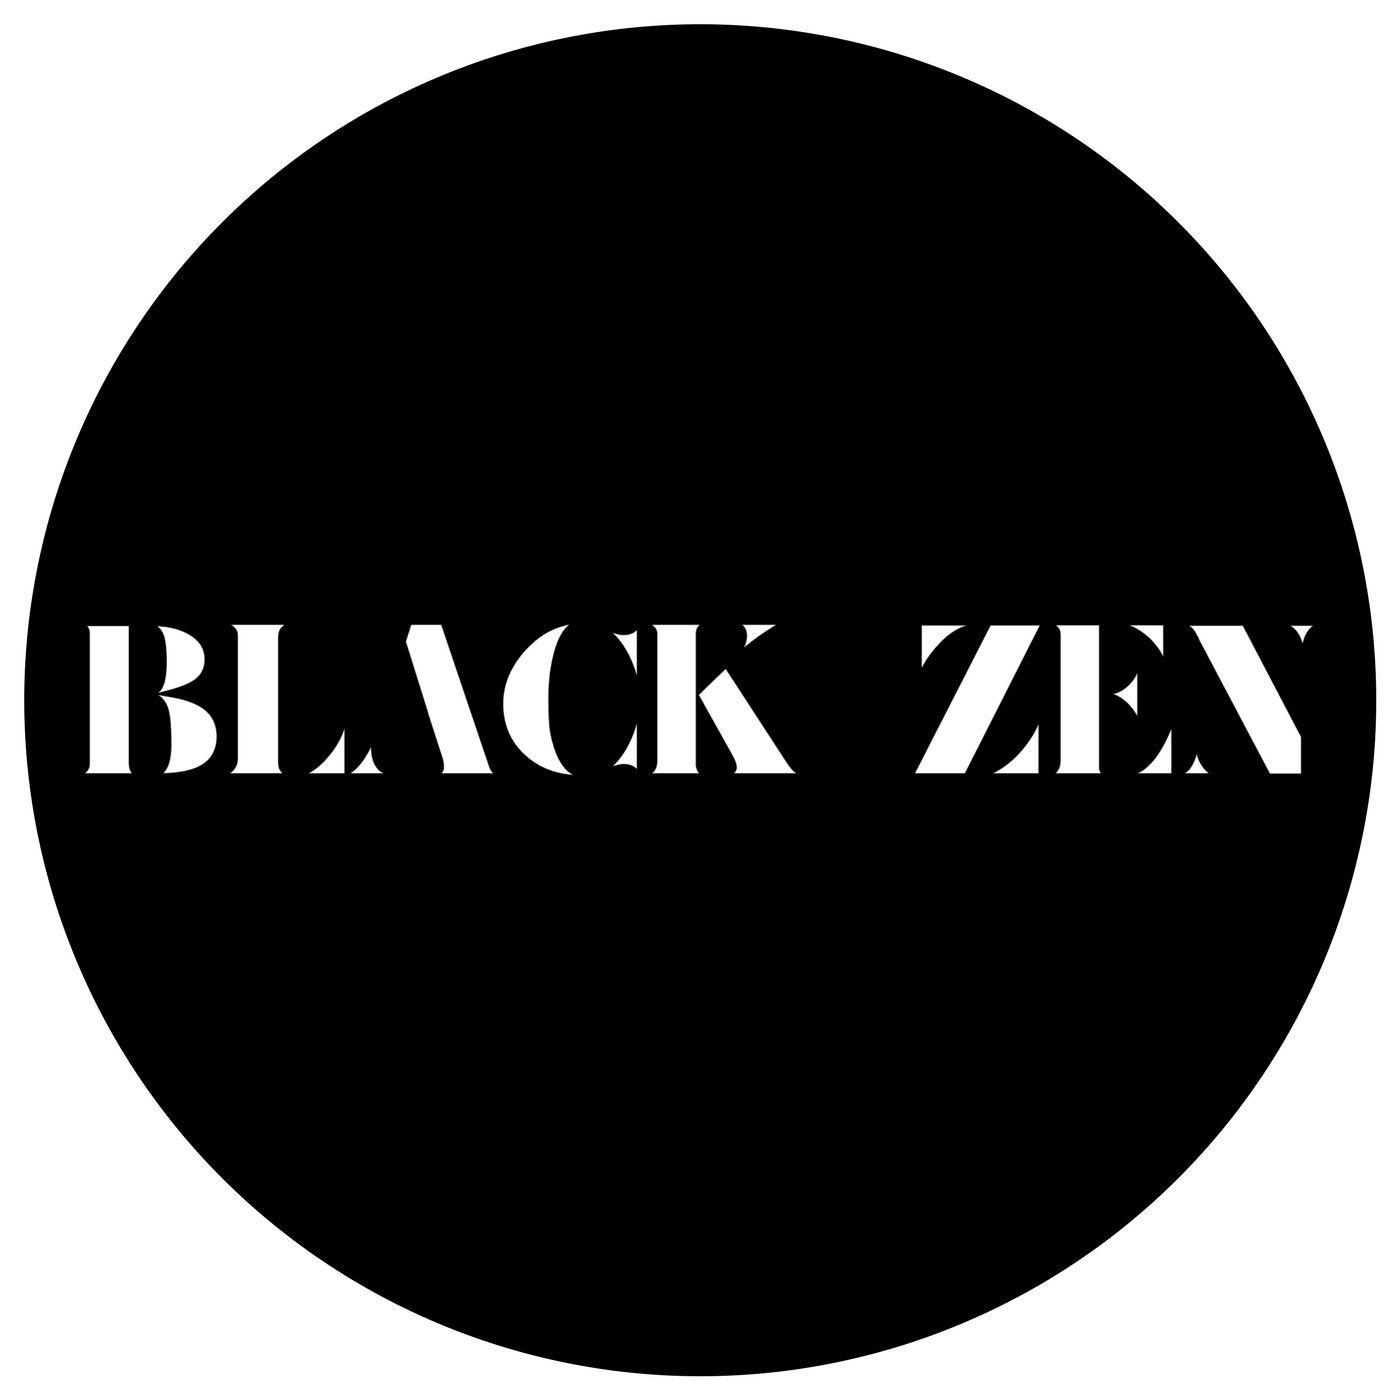 Black Zen